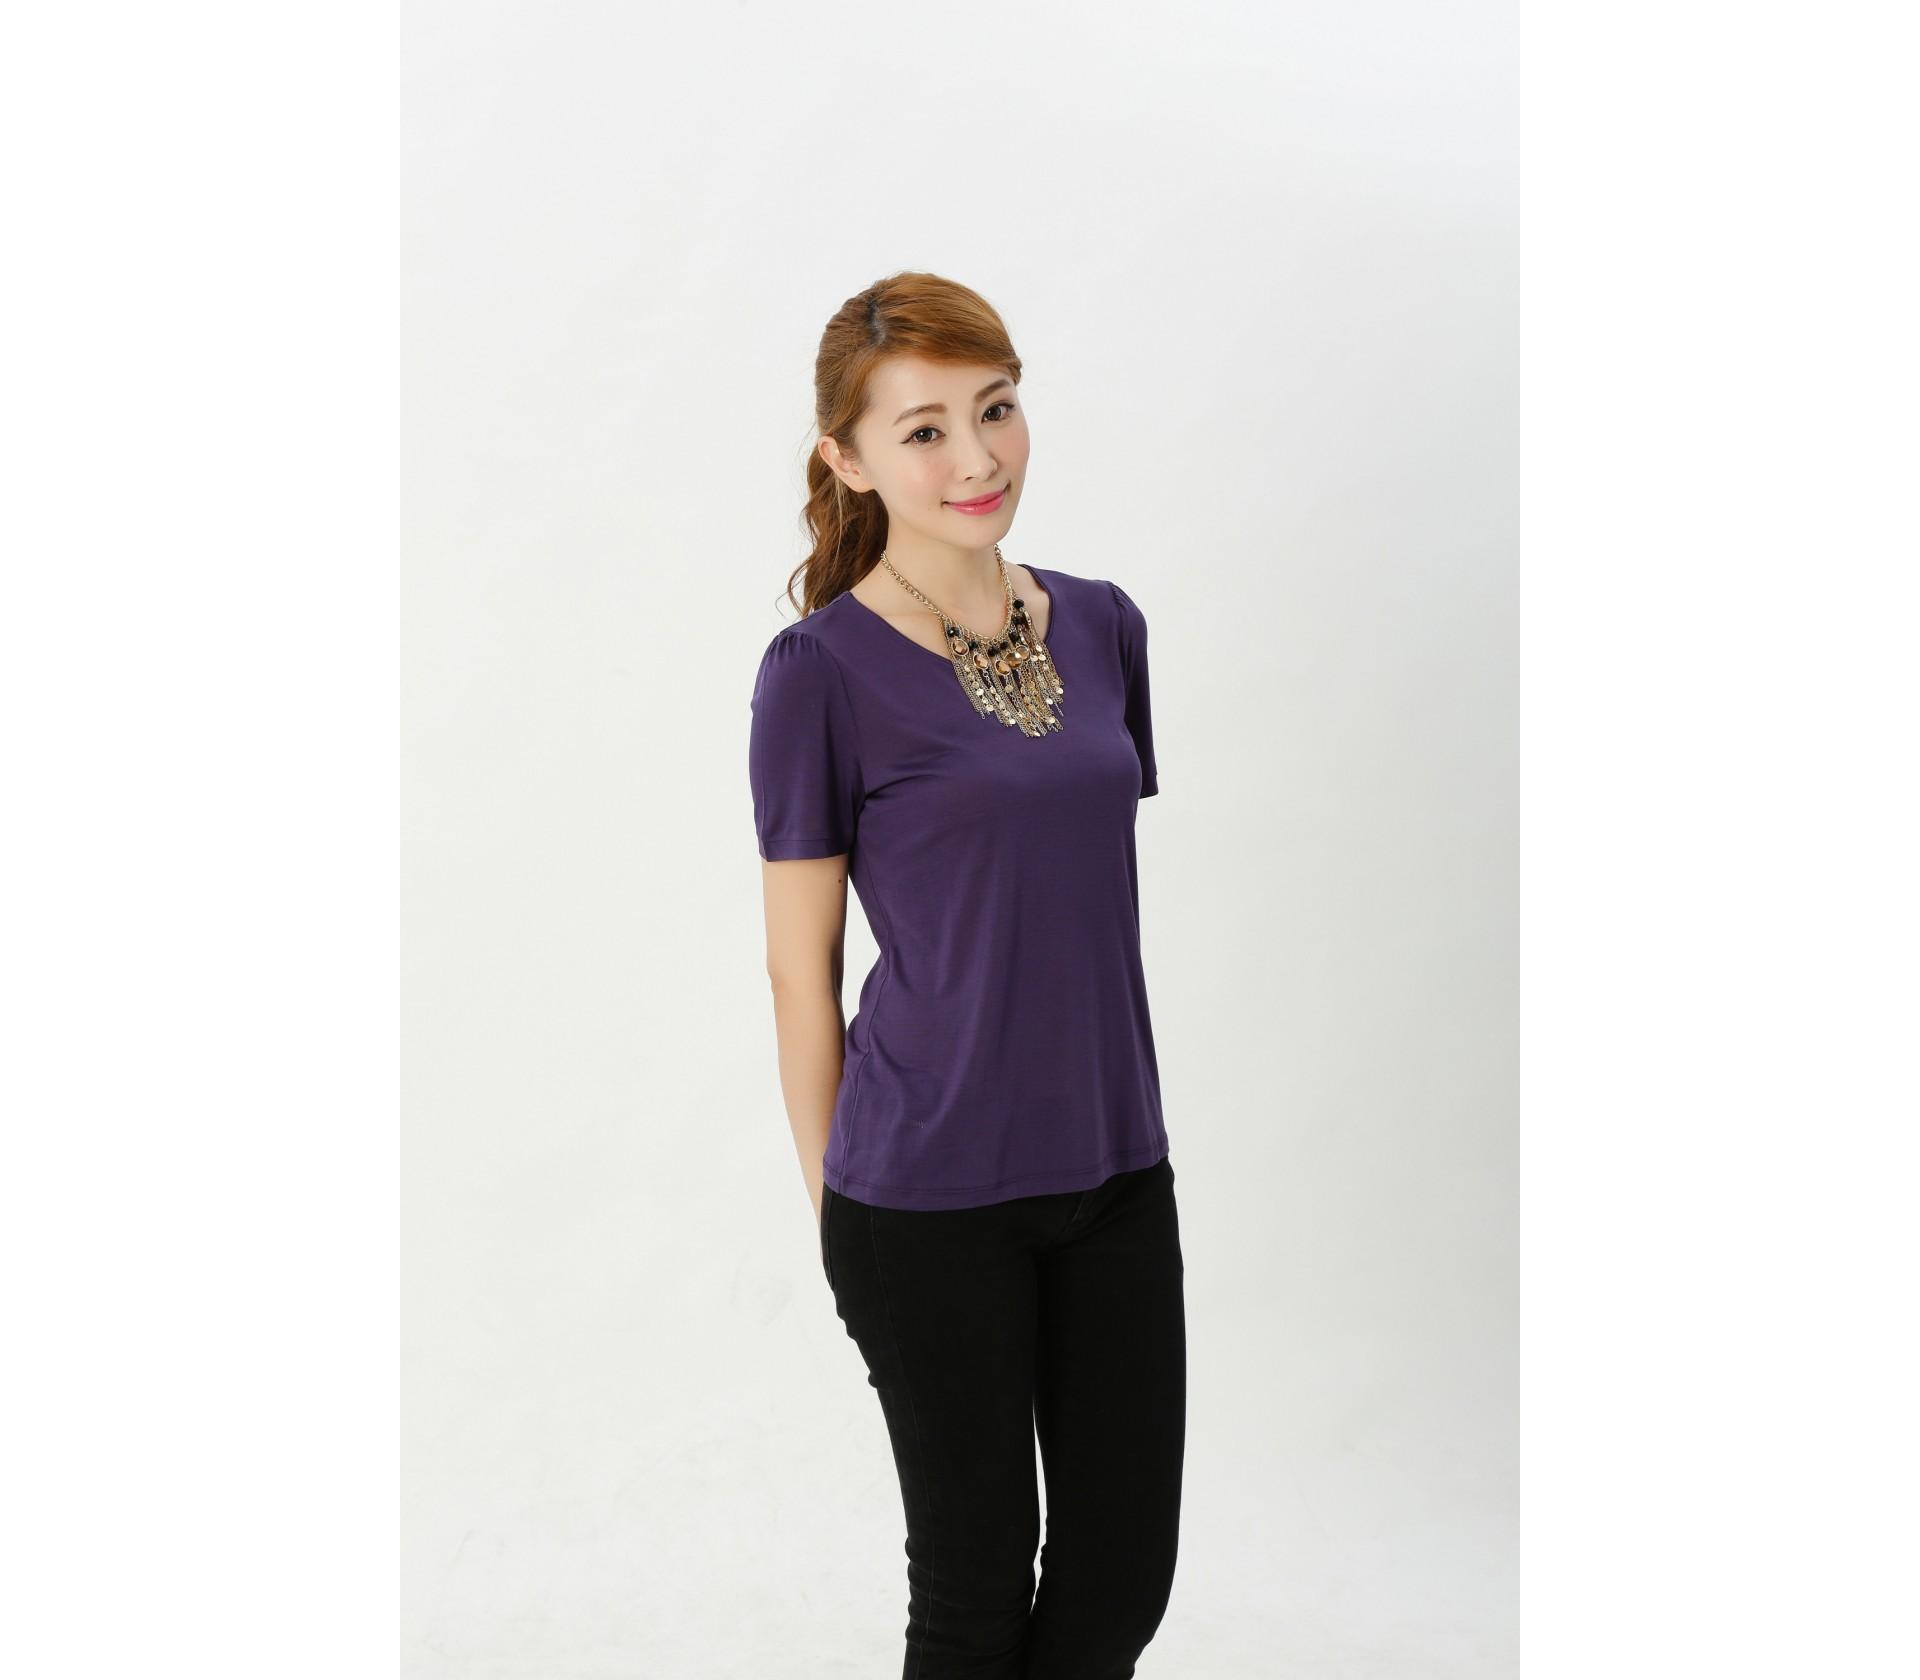 闕蘭絹精品簡約100%蠶絲上衣-915(藍紫)